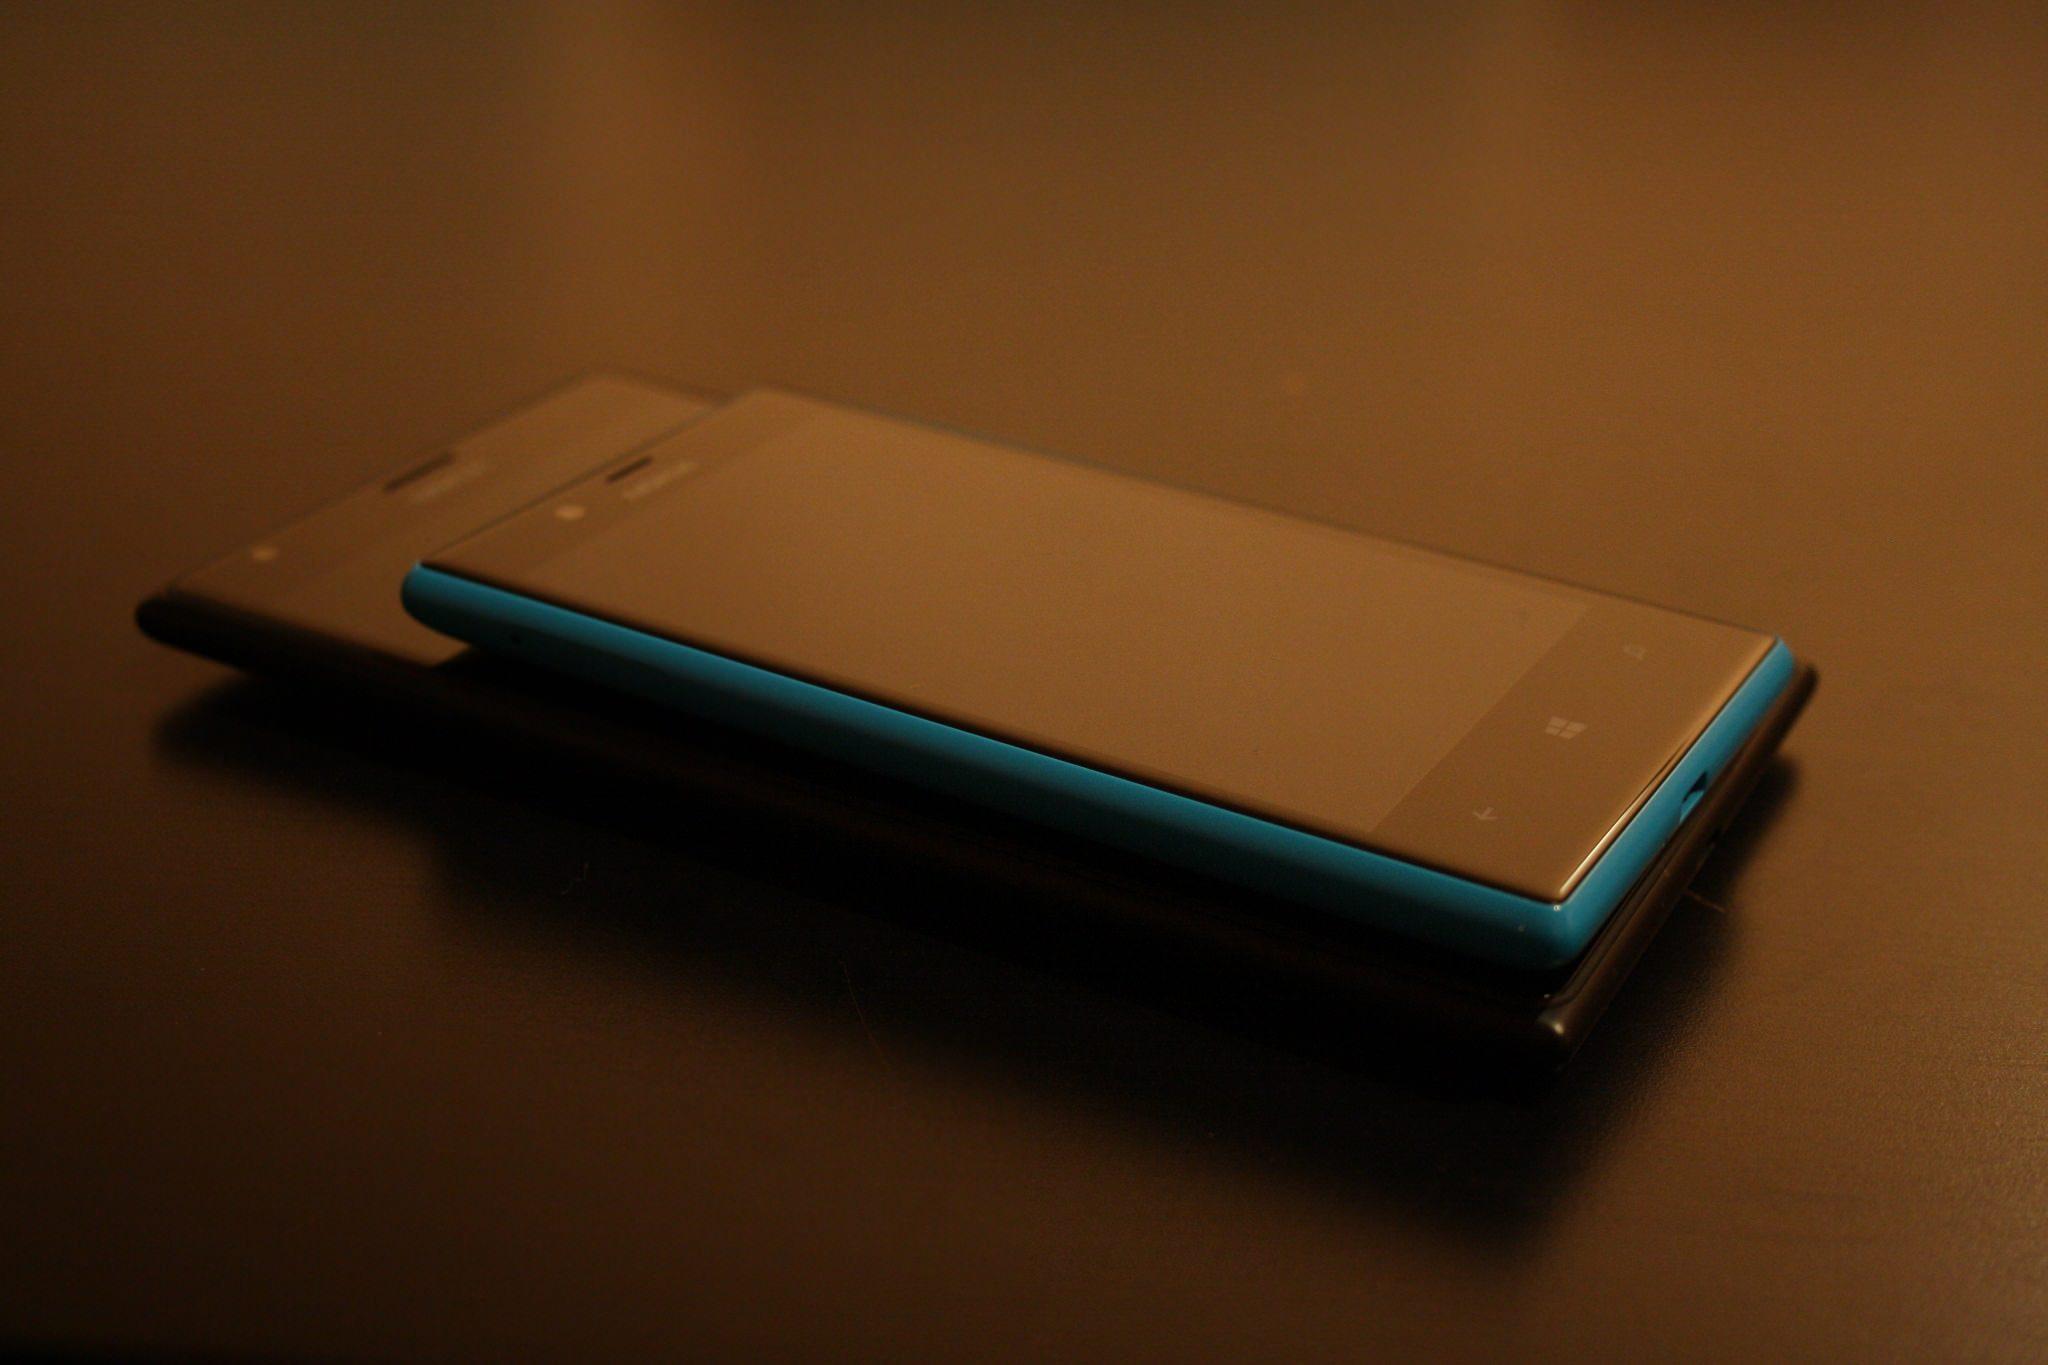 Nokia Lumia 1520 Vergleich mit Lumia 720 - 1